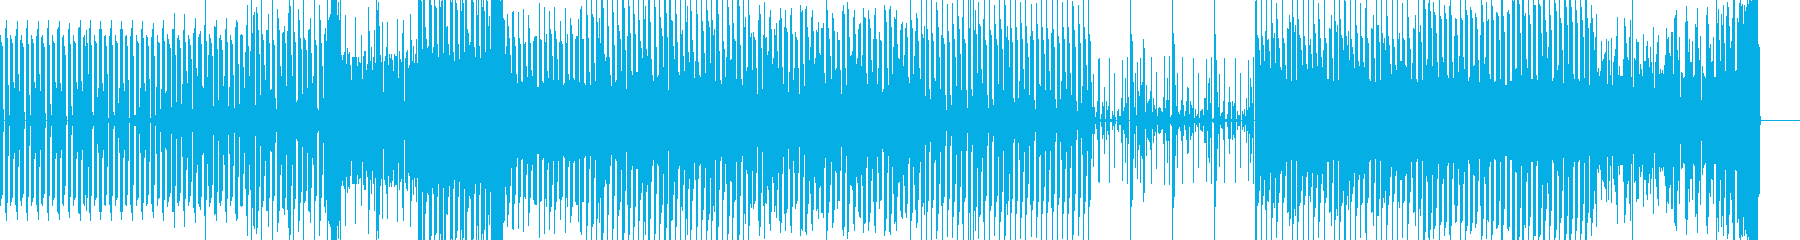 少し煽る感じの4つ打ち系の曲の再生済みの波形